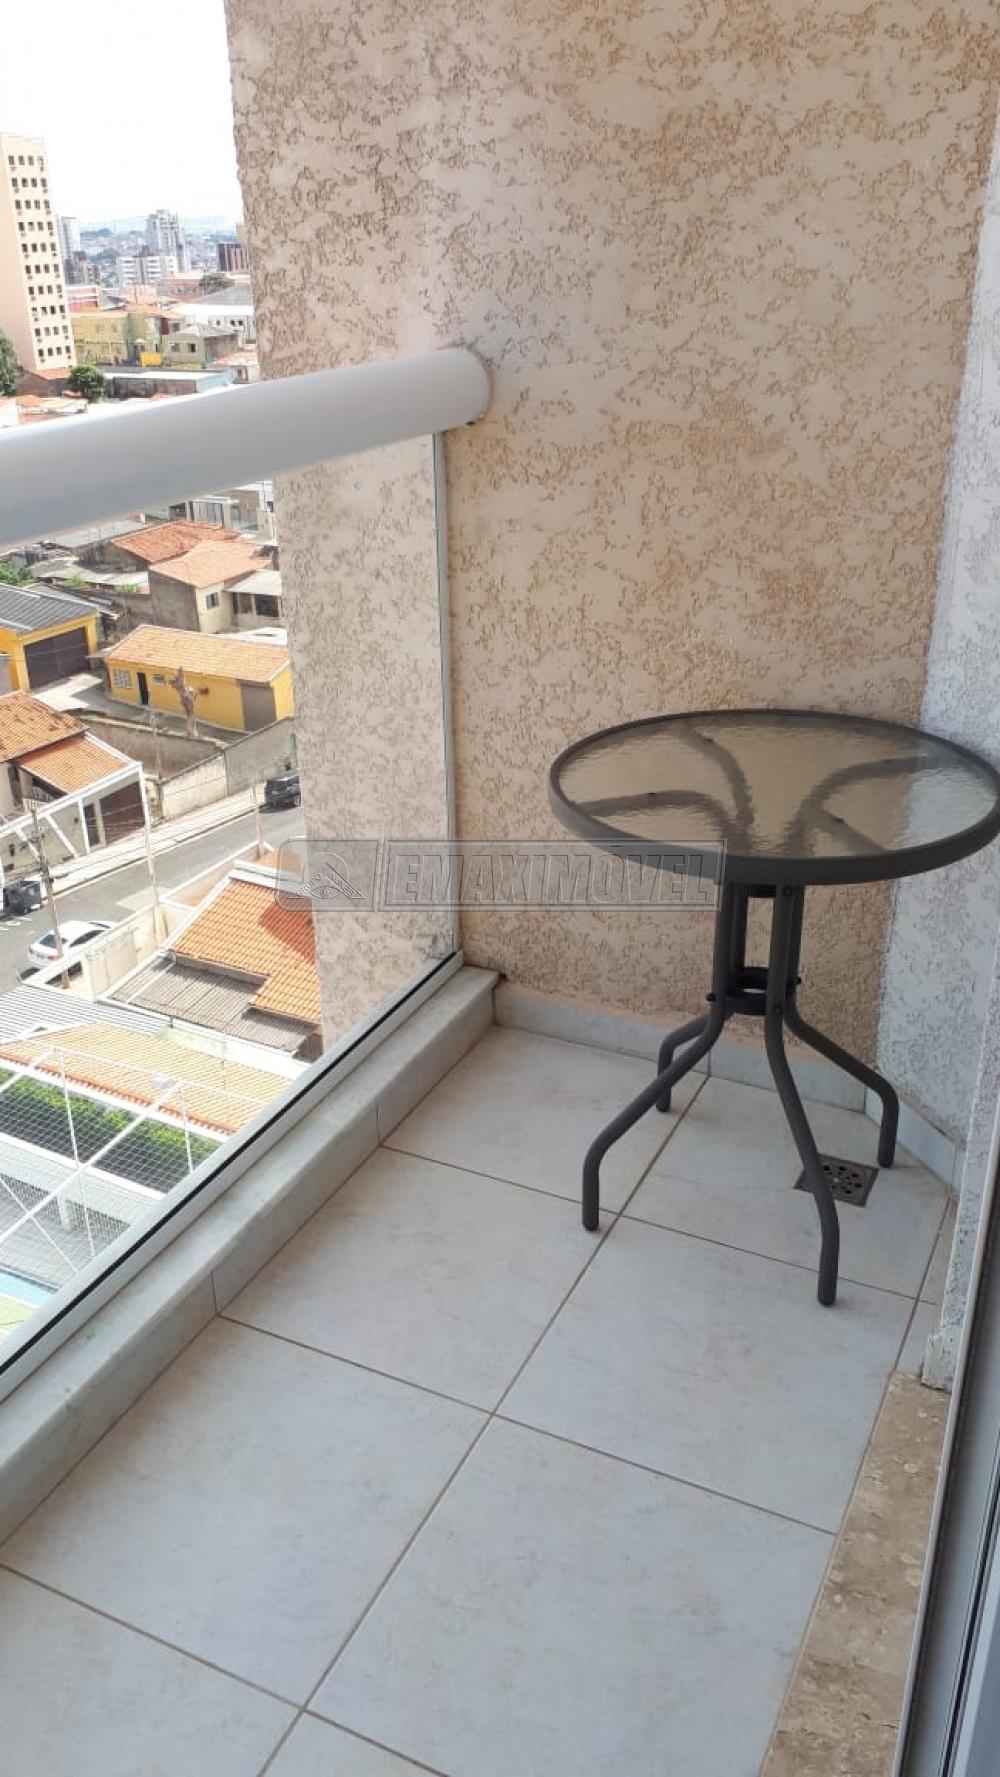 Comprar Apartamentos / Apto Padrão em Sorocaba apenas R$ 430.000,00 - Foto 18